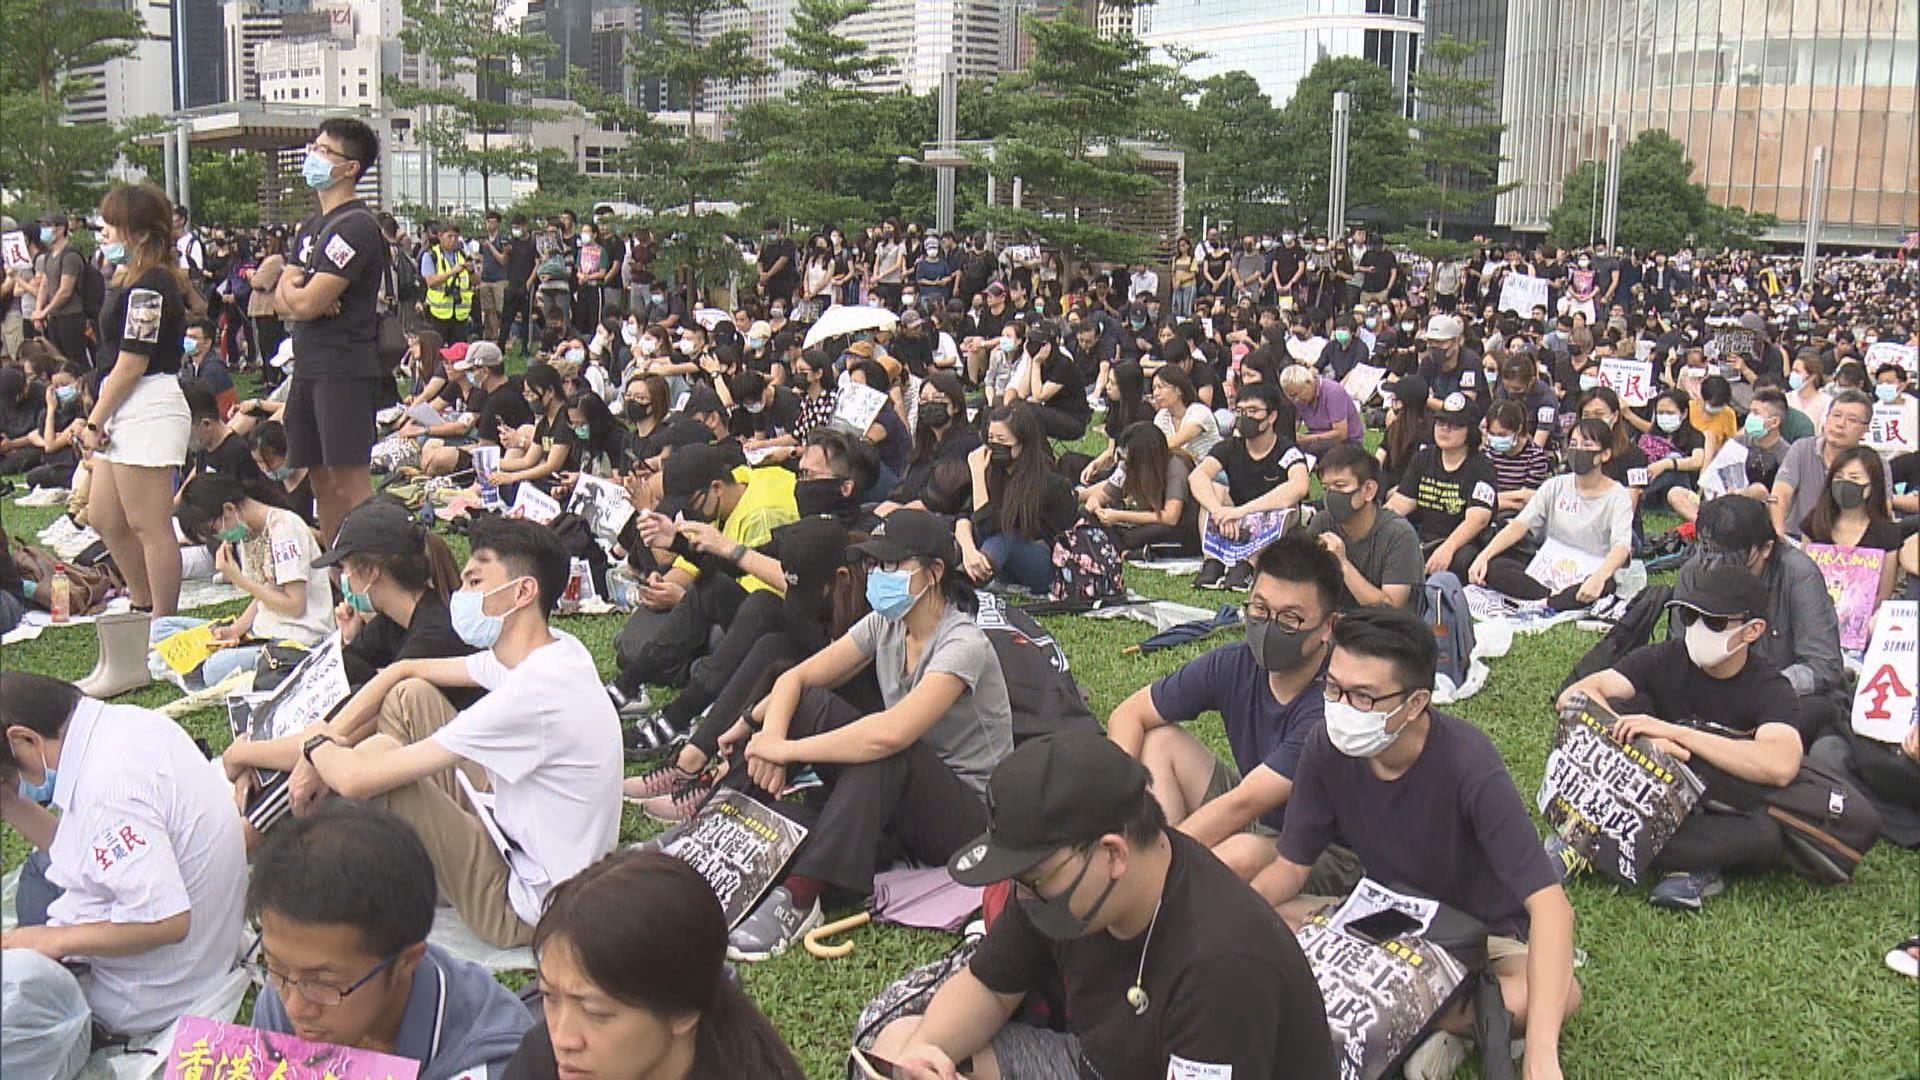 添馬公園罷工集會 大會稱有四萬人參與